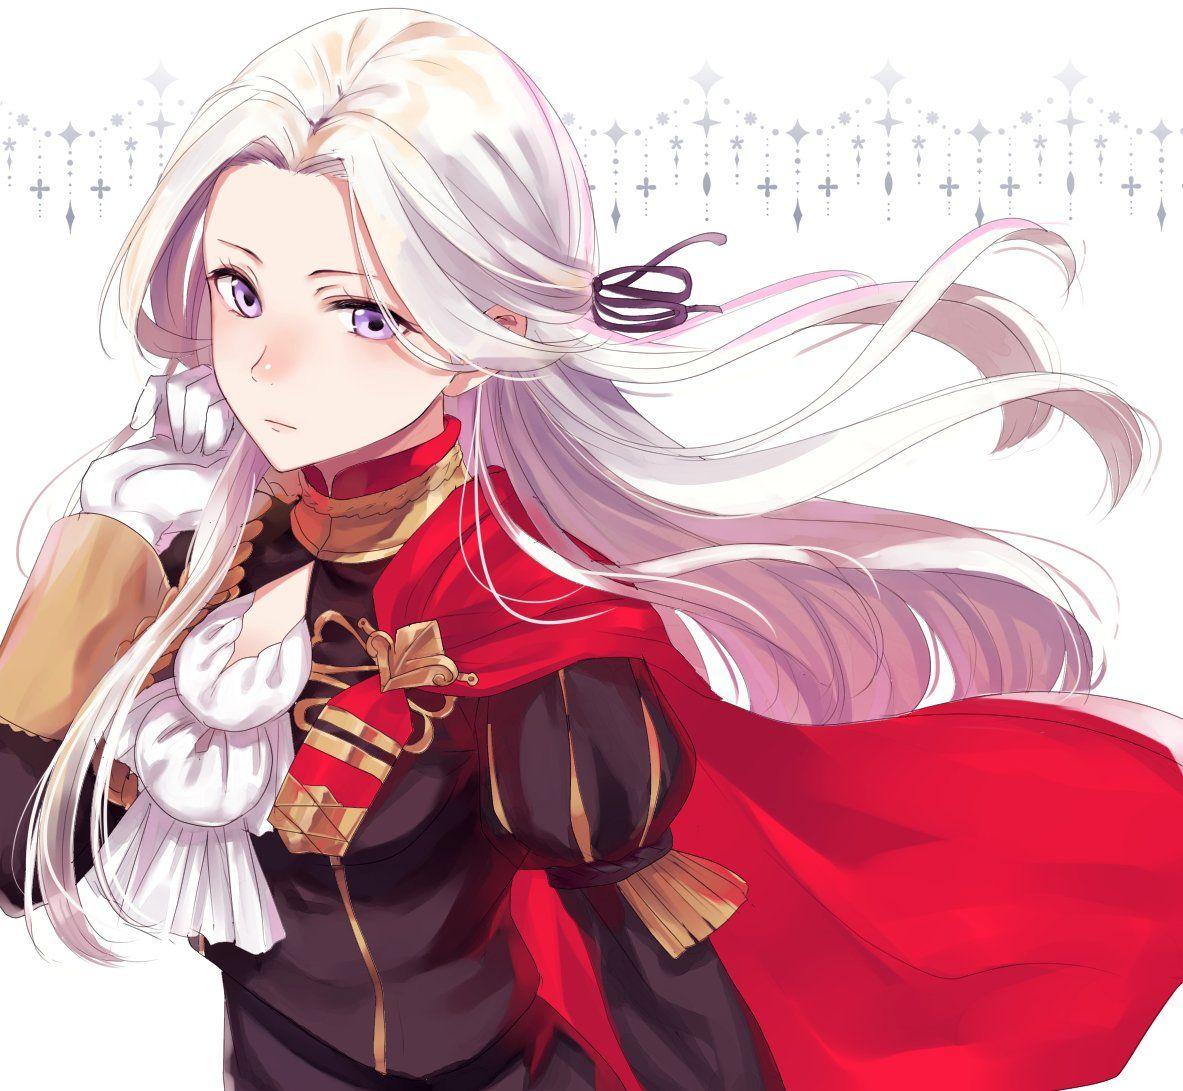 はる on Fire emblem, Violet eyes, Manga pictures